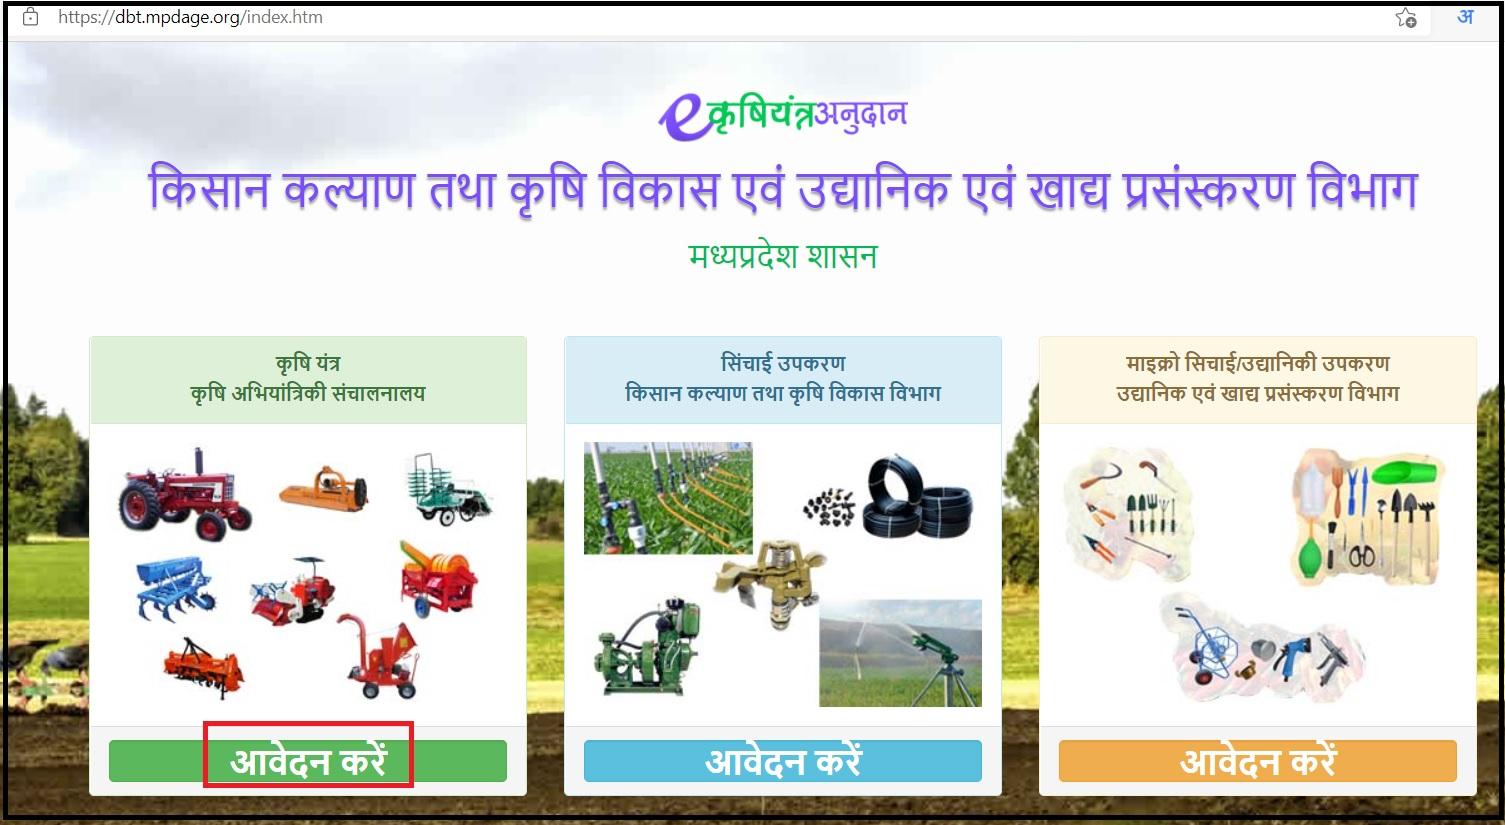 एमपी किसान अनुदान योजना रजिस्ट्रेशन